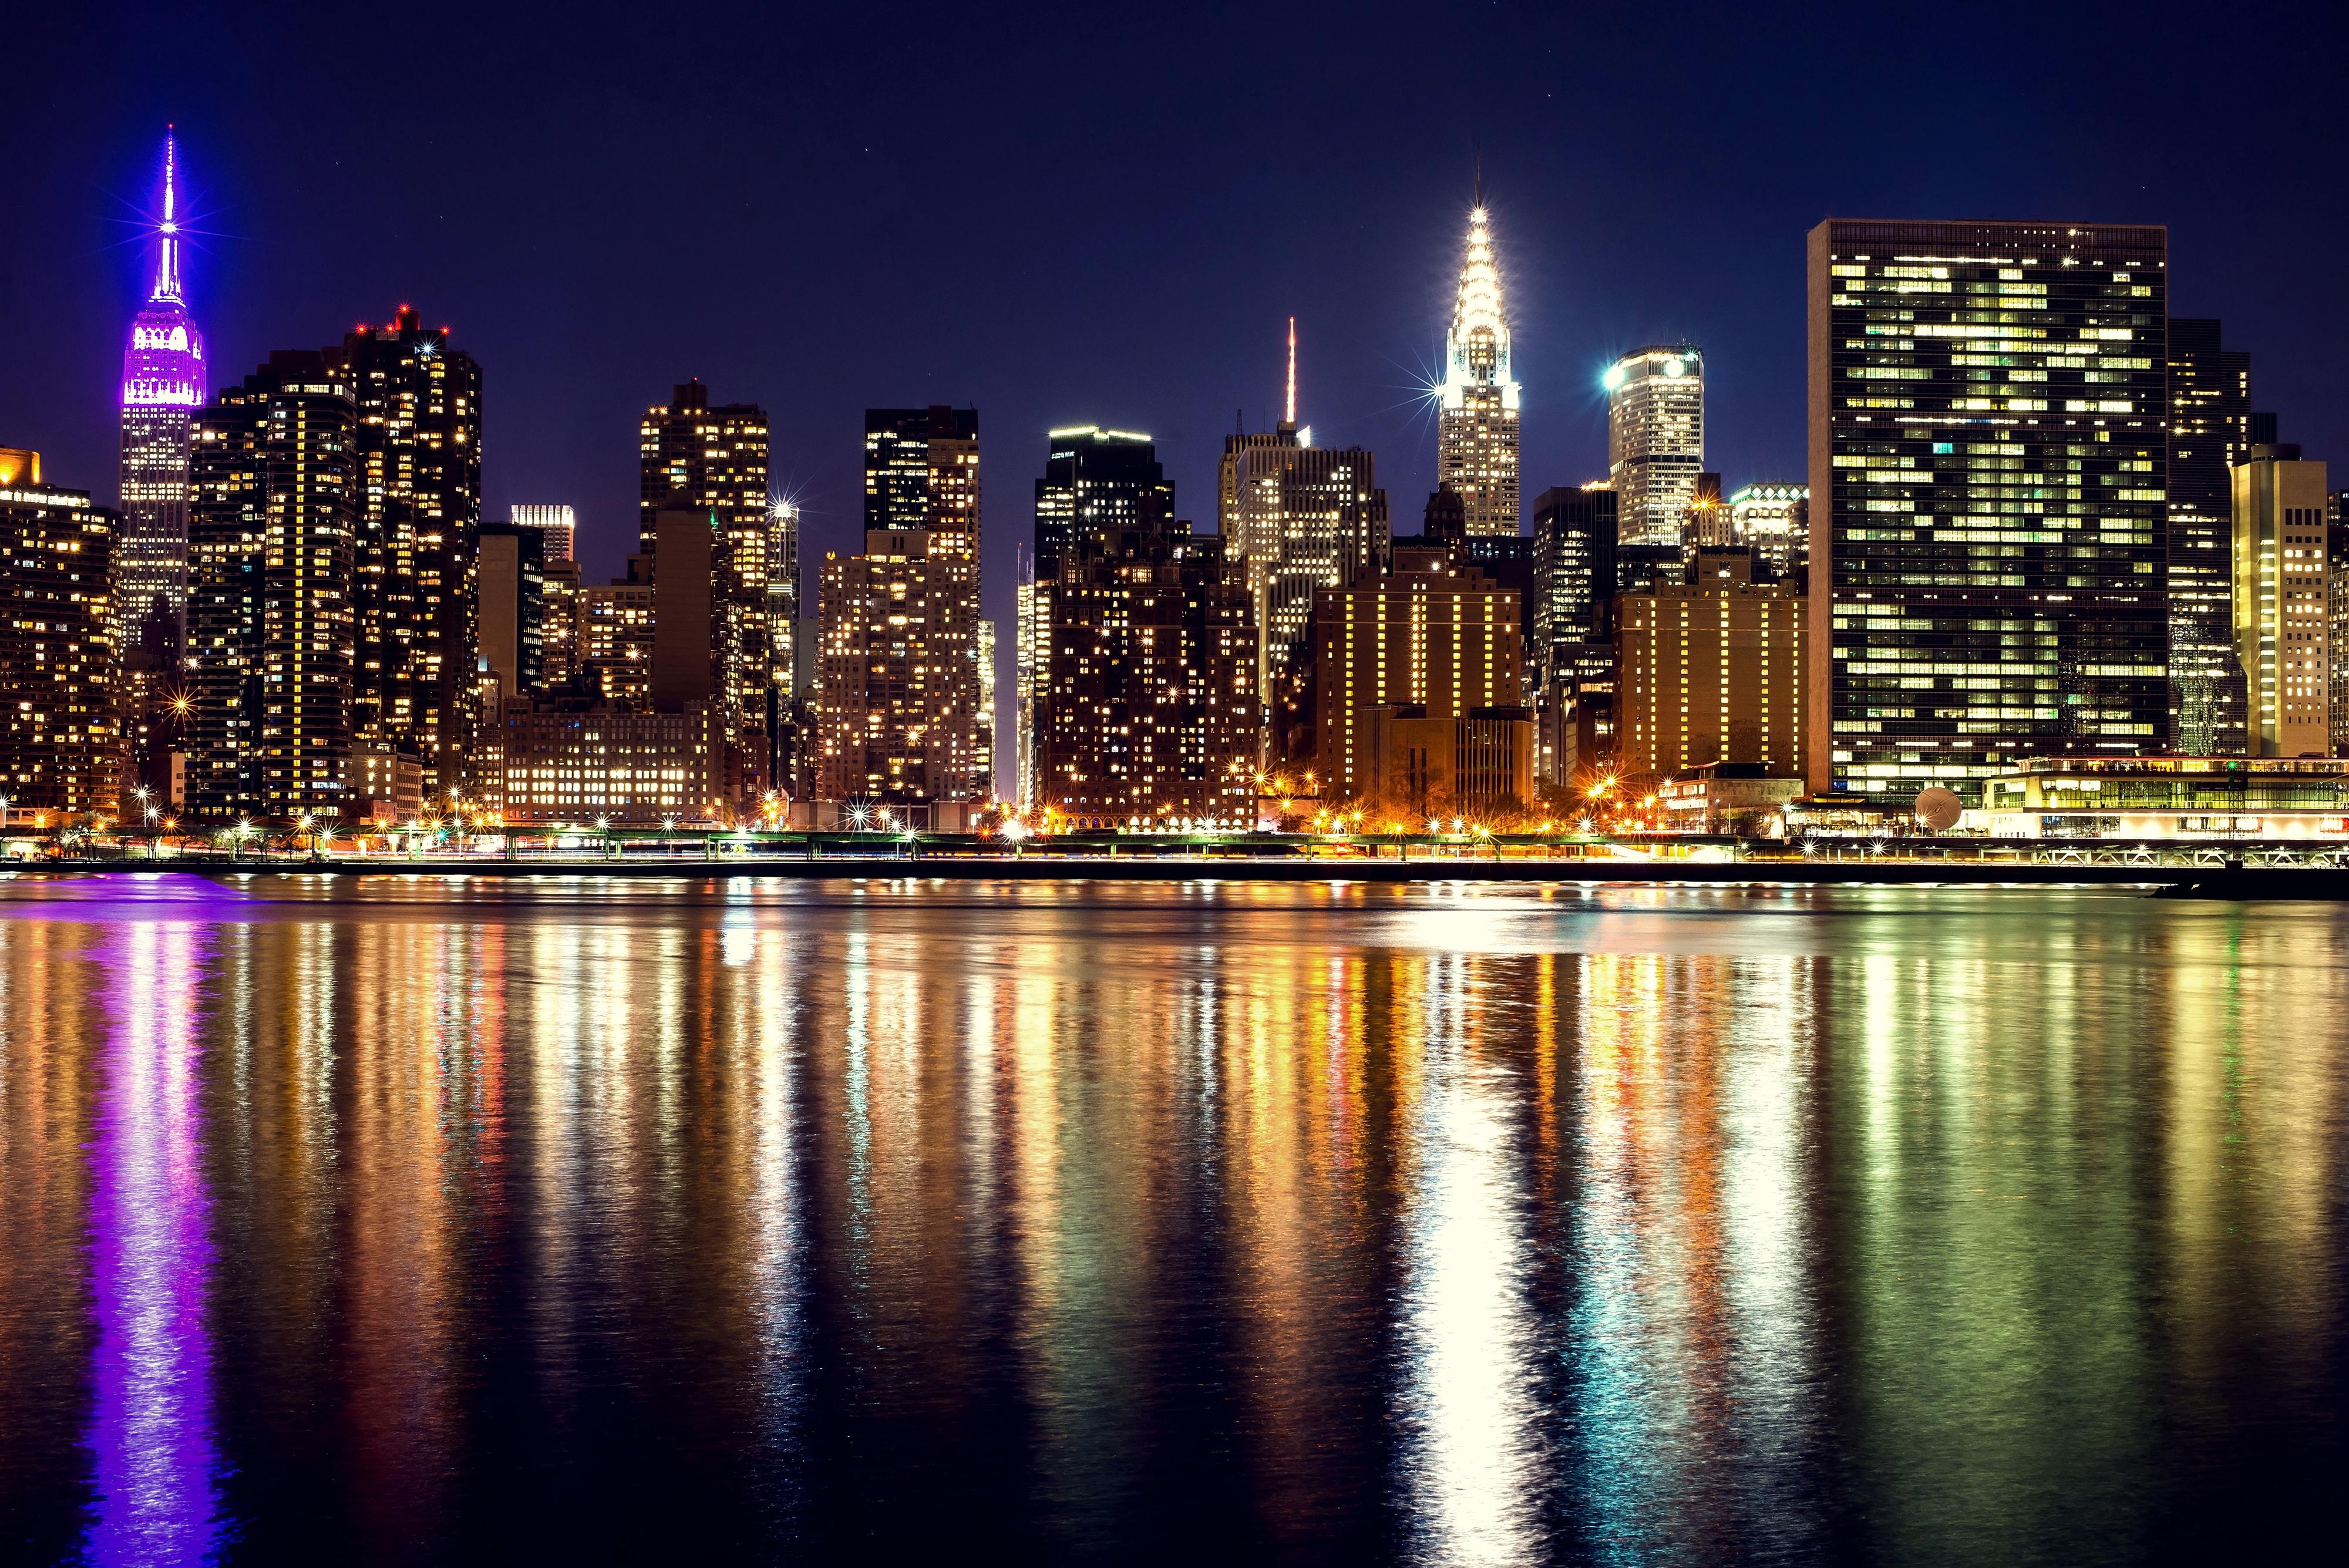 New York 4k Ultra Hd Wallpaper Sfondi 4000x2670 Id825870